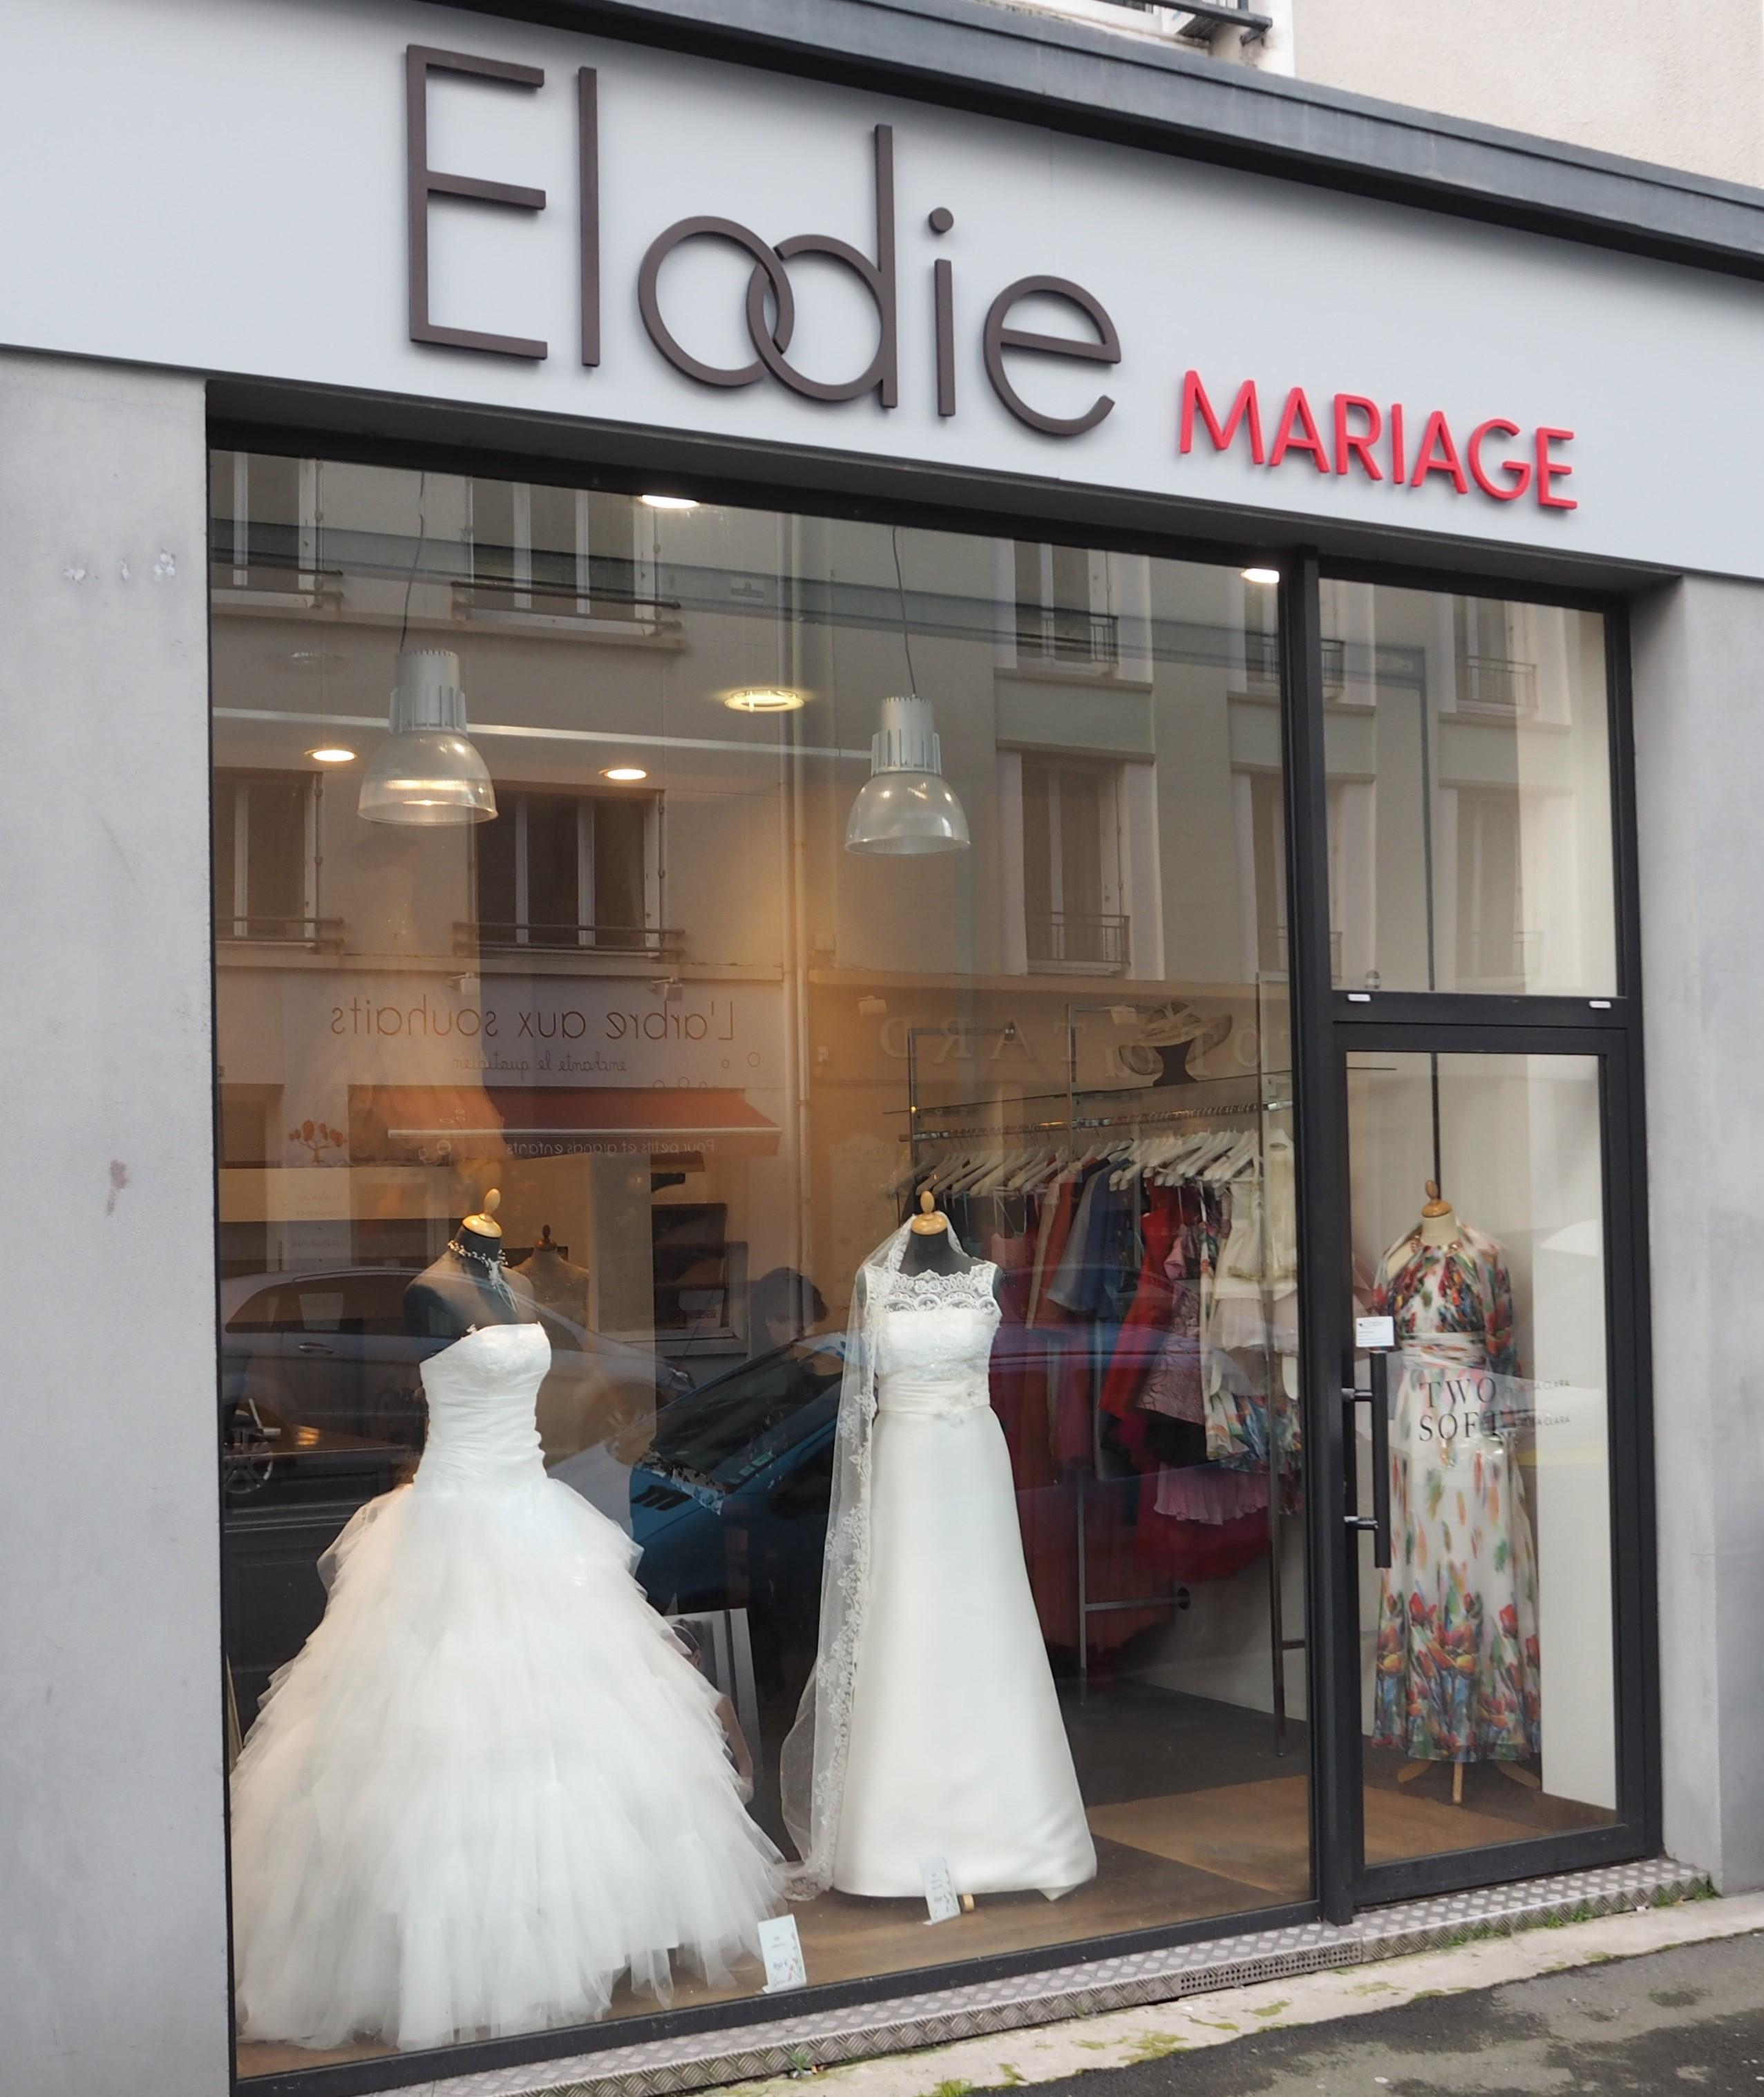 Elodie Mariage Brest